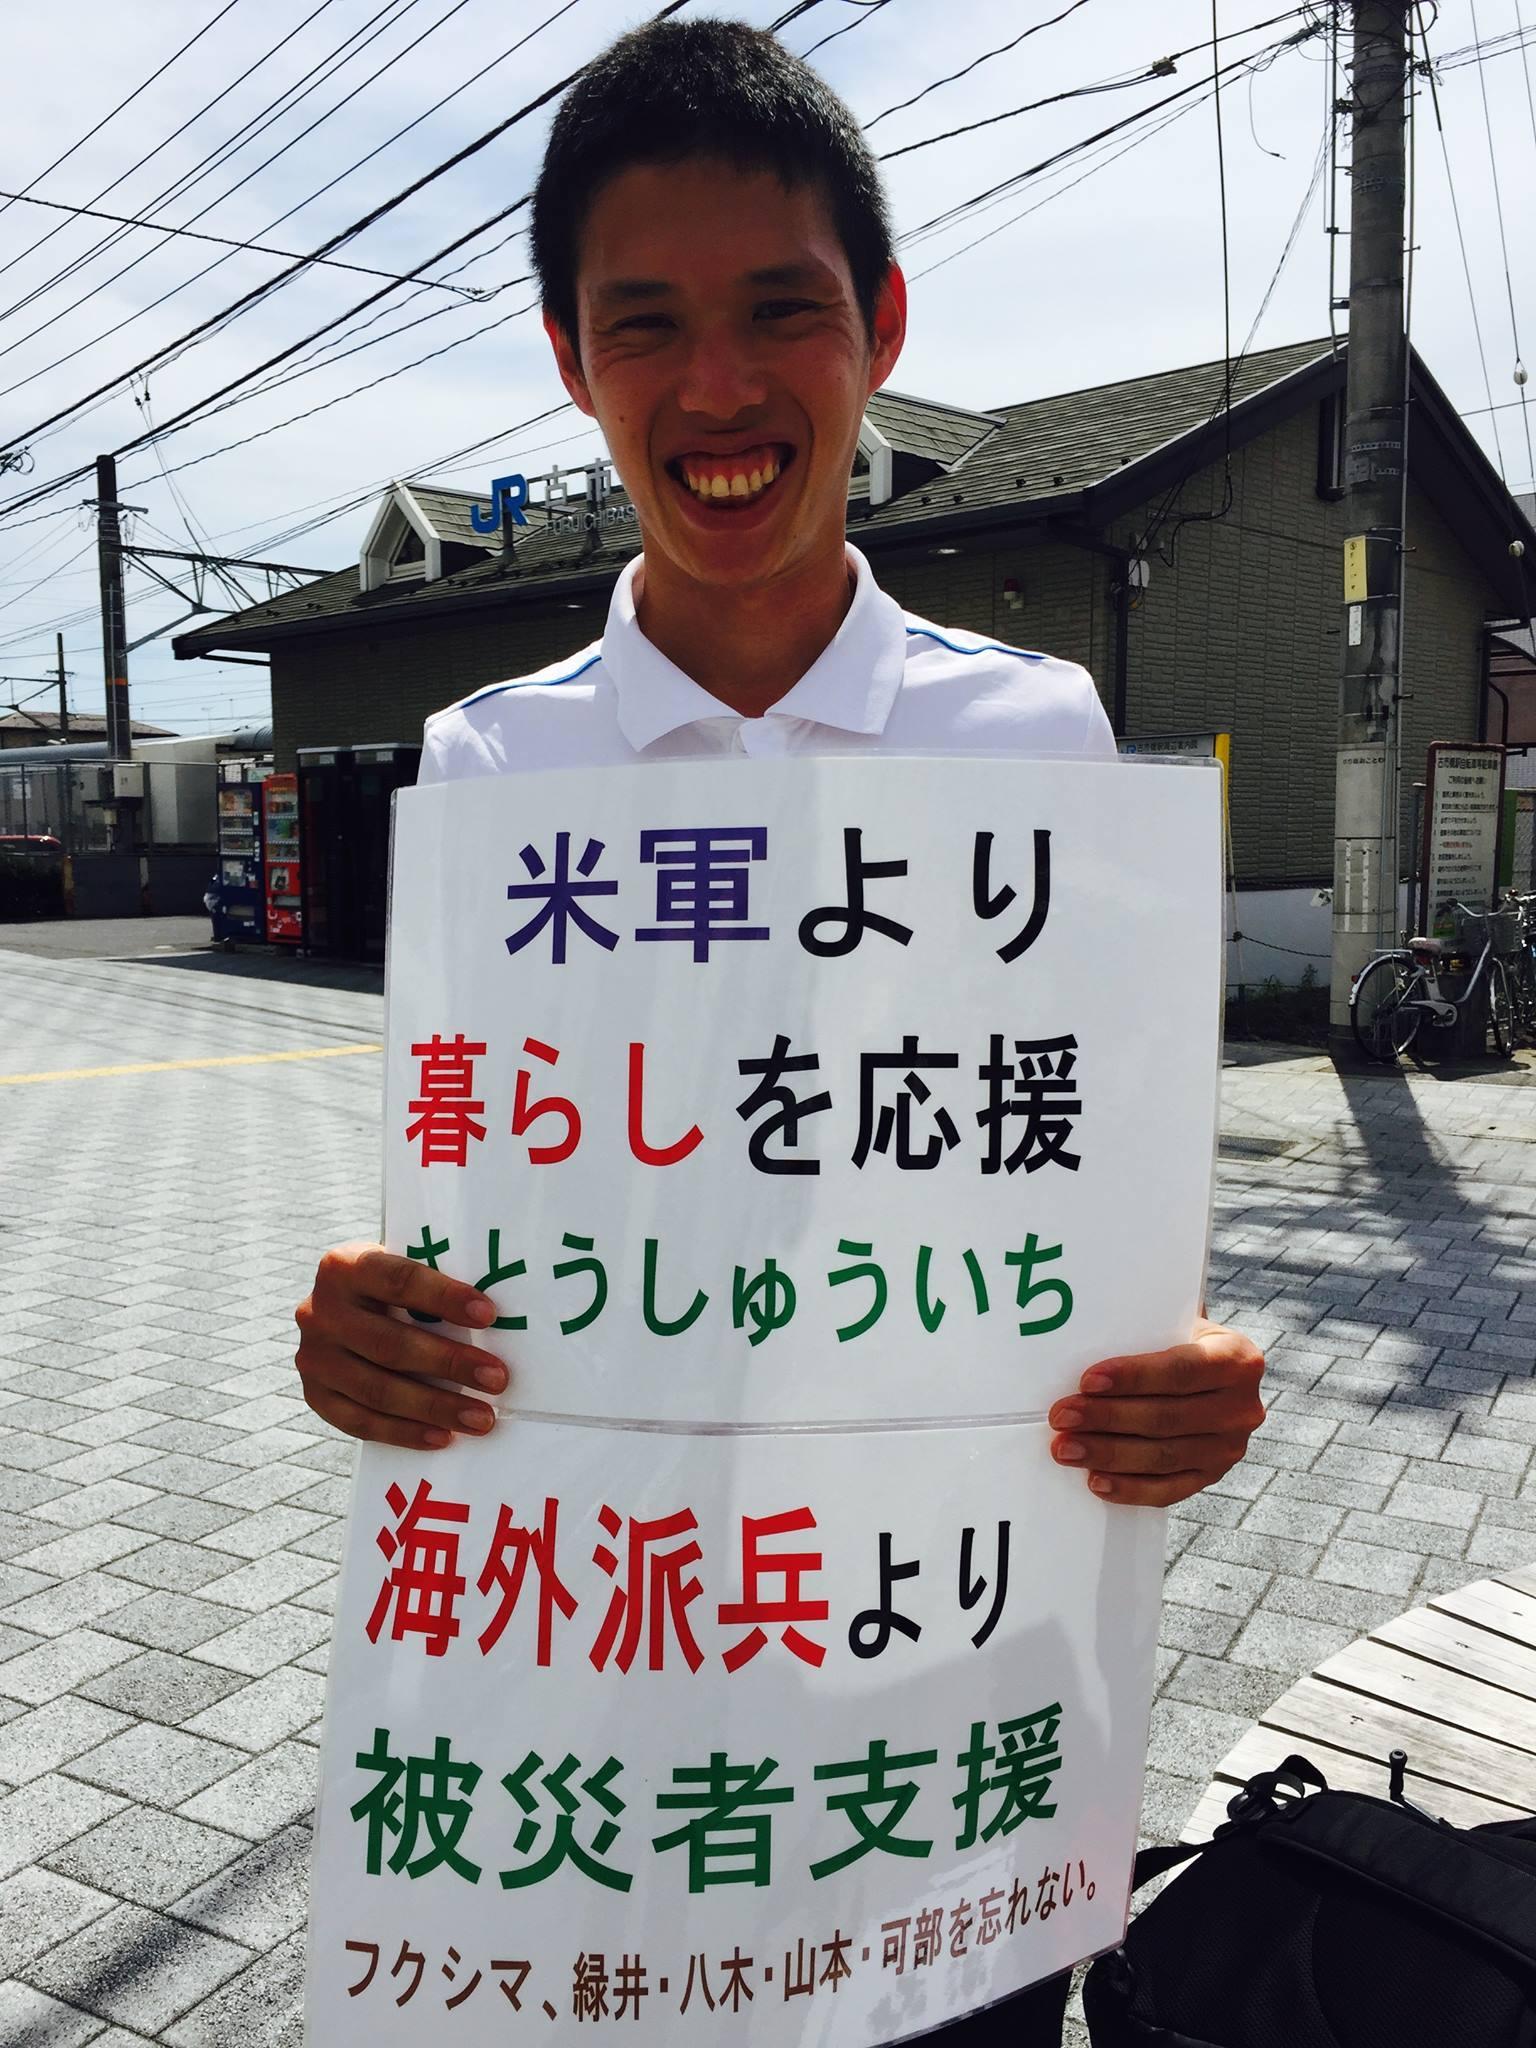 「海外派兵より被災者支援」「広島市長は平和宣言で長崎に負けるな」 被災地・安佐南区で街頭演説_e0094315_18432935.jpg